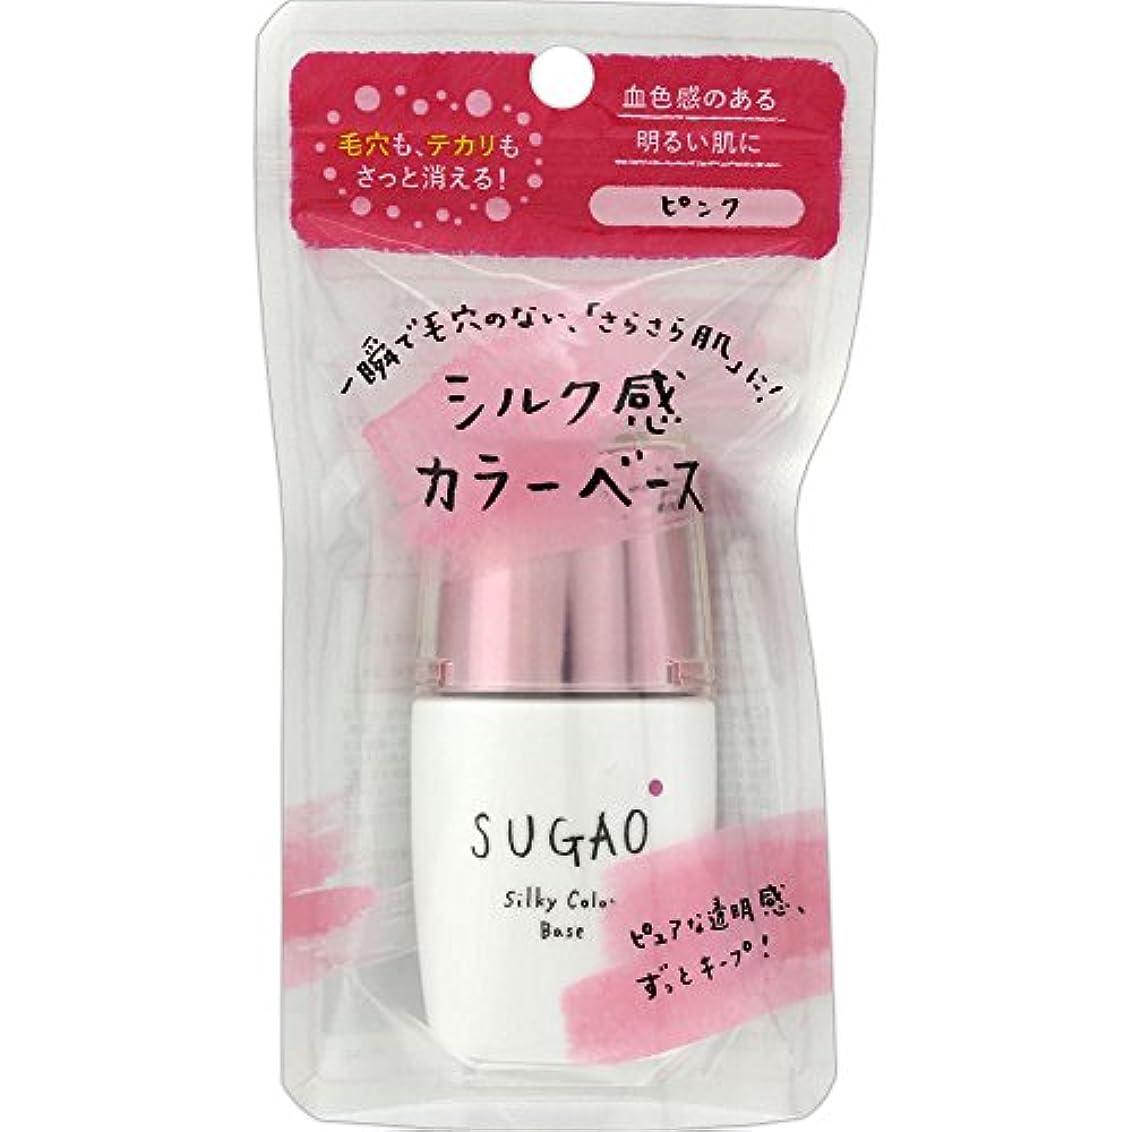 不満クローン車スガオ (SUGAO) シルク感カラーベース ピンク SPF20 PA+++ 20mL